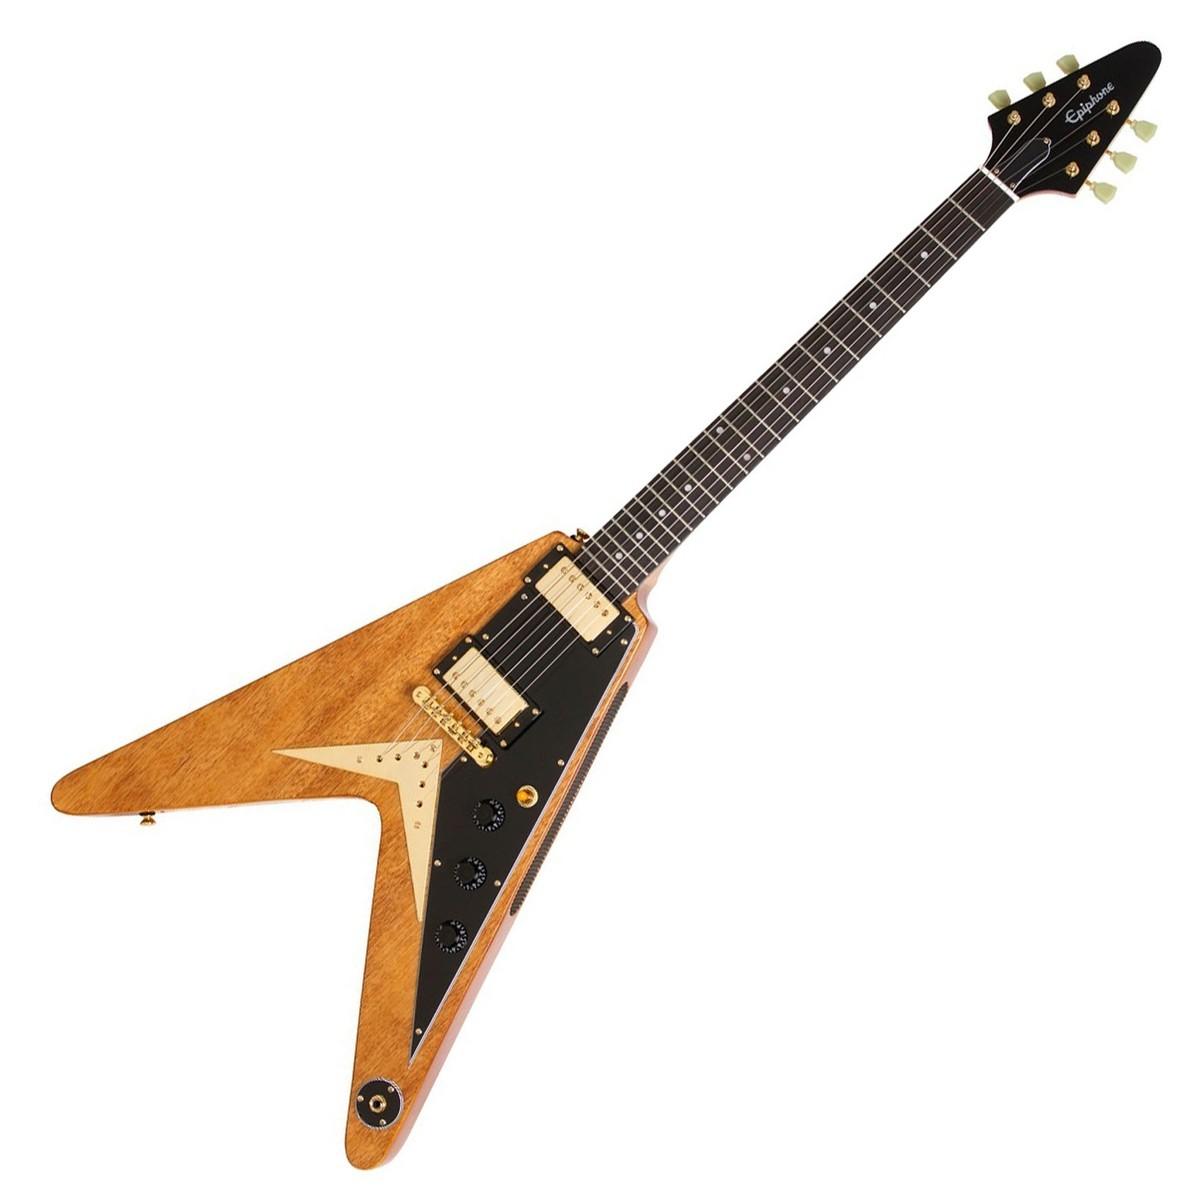 epiphone ltd ed korina flying v electric guitar natural at. Black Bedroom Furniture Sets. Home Design Ideas